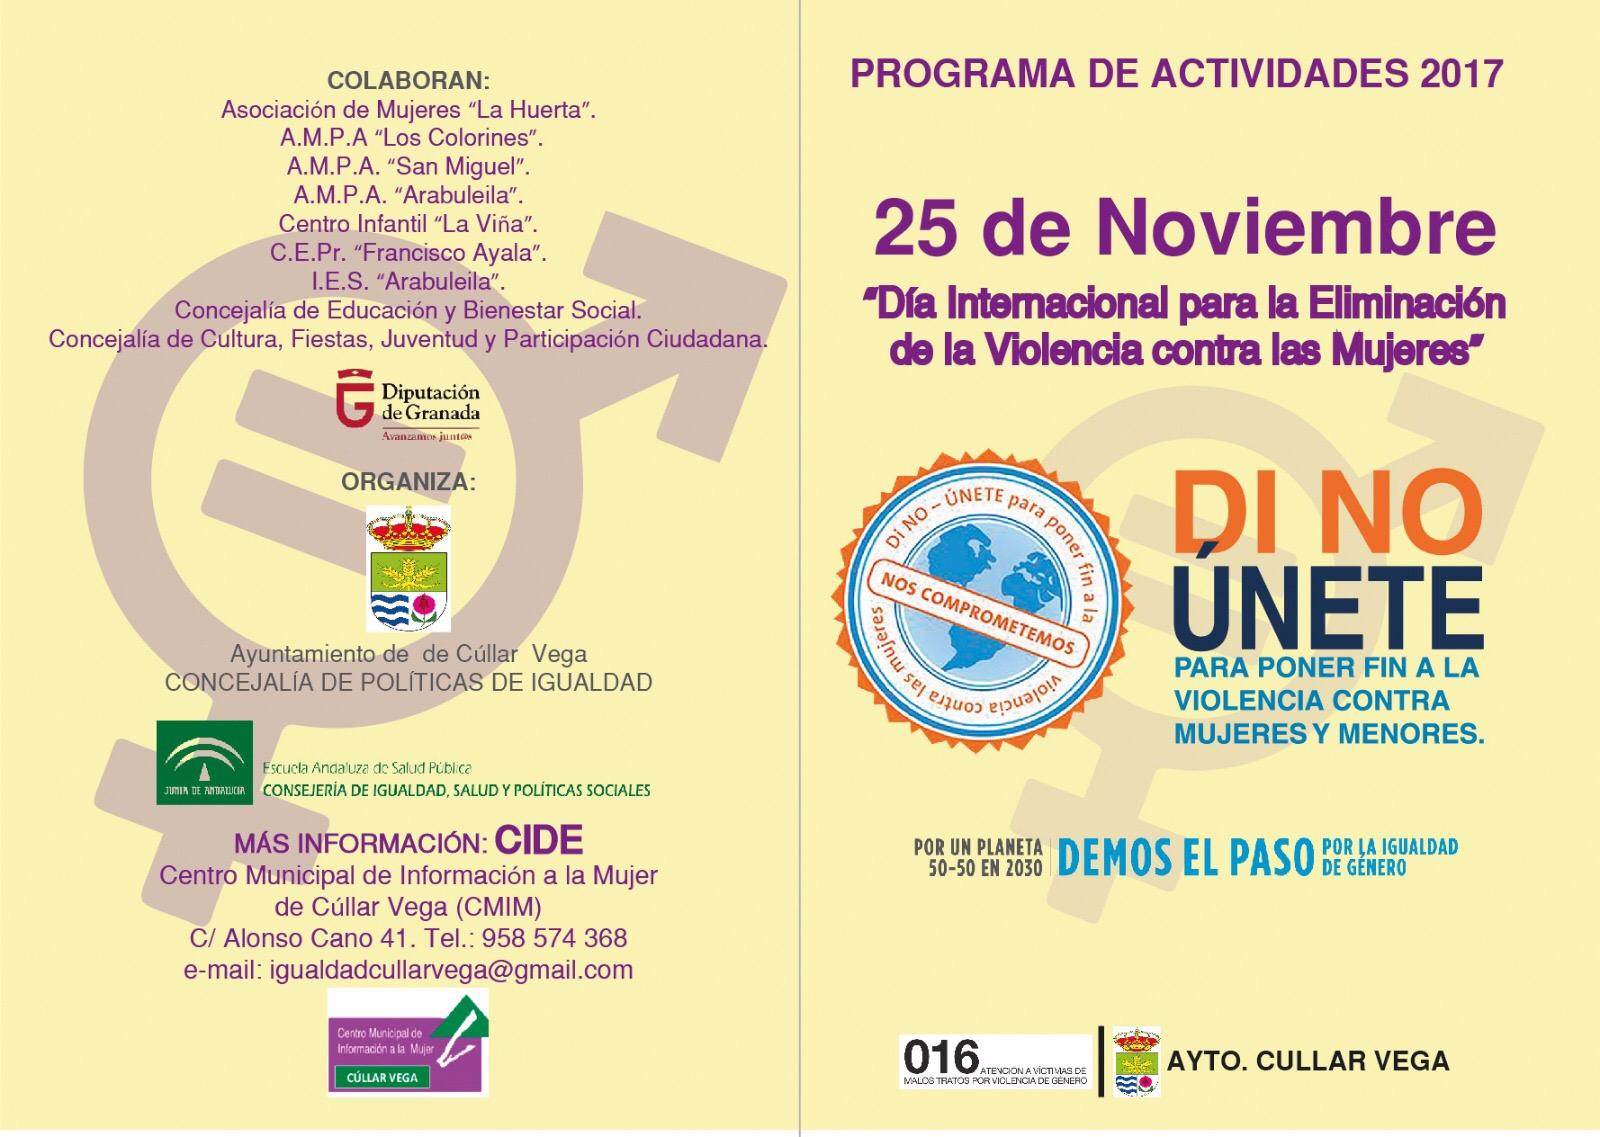 25N: Día Internacional para la Eliminación de la Violencia contra las Mujeres - Actividades 2017